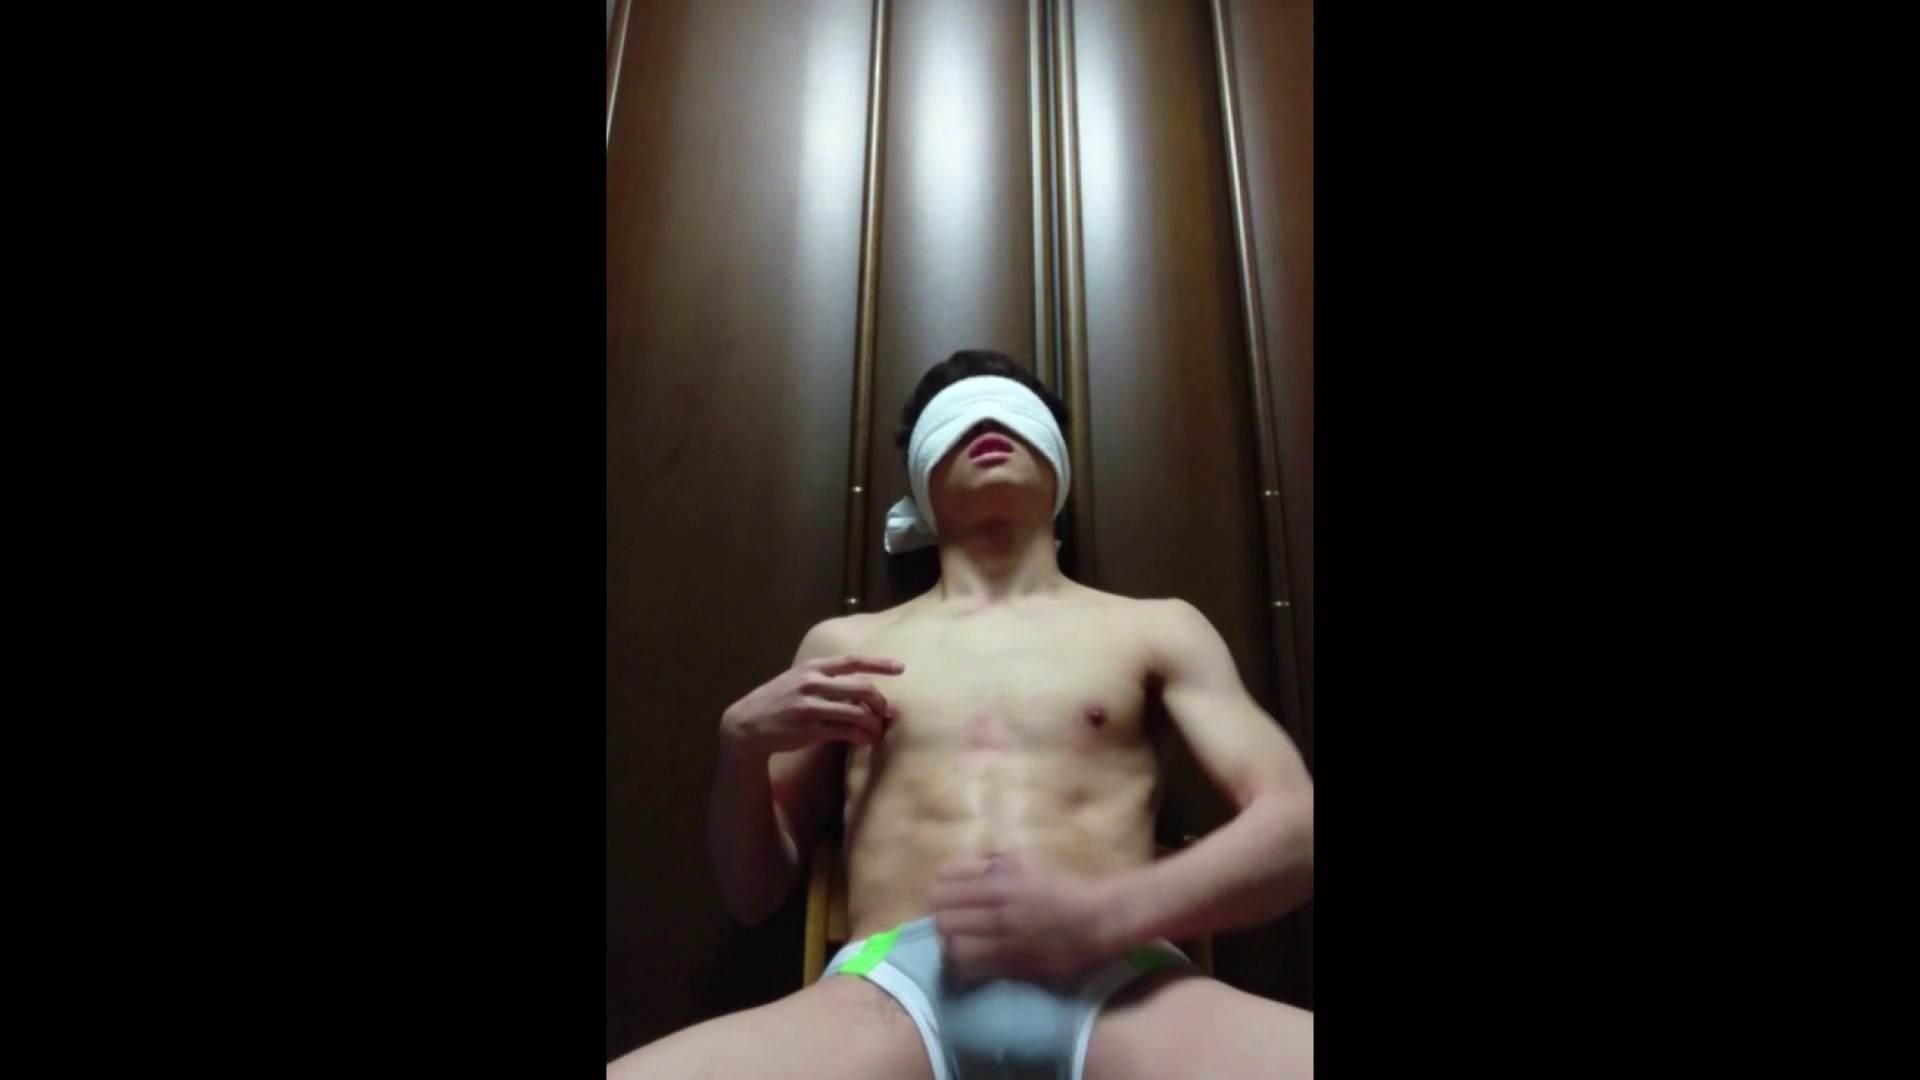 個人撮影 自慰の極意 Vol.21 オナニー ゲイ無修正動画画像 93pic 72